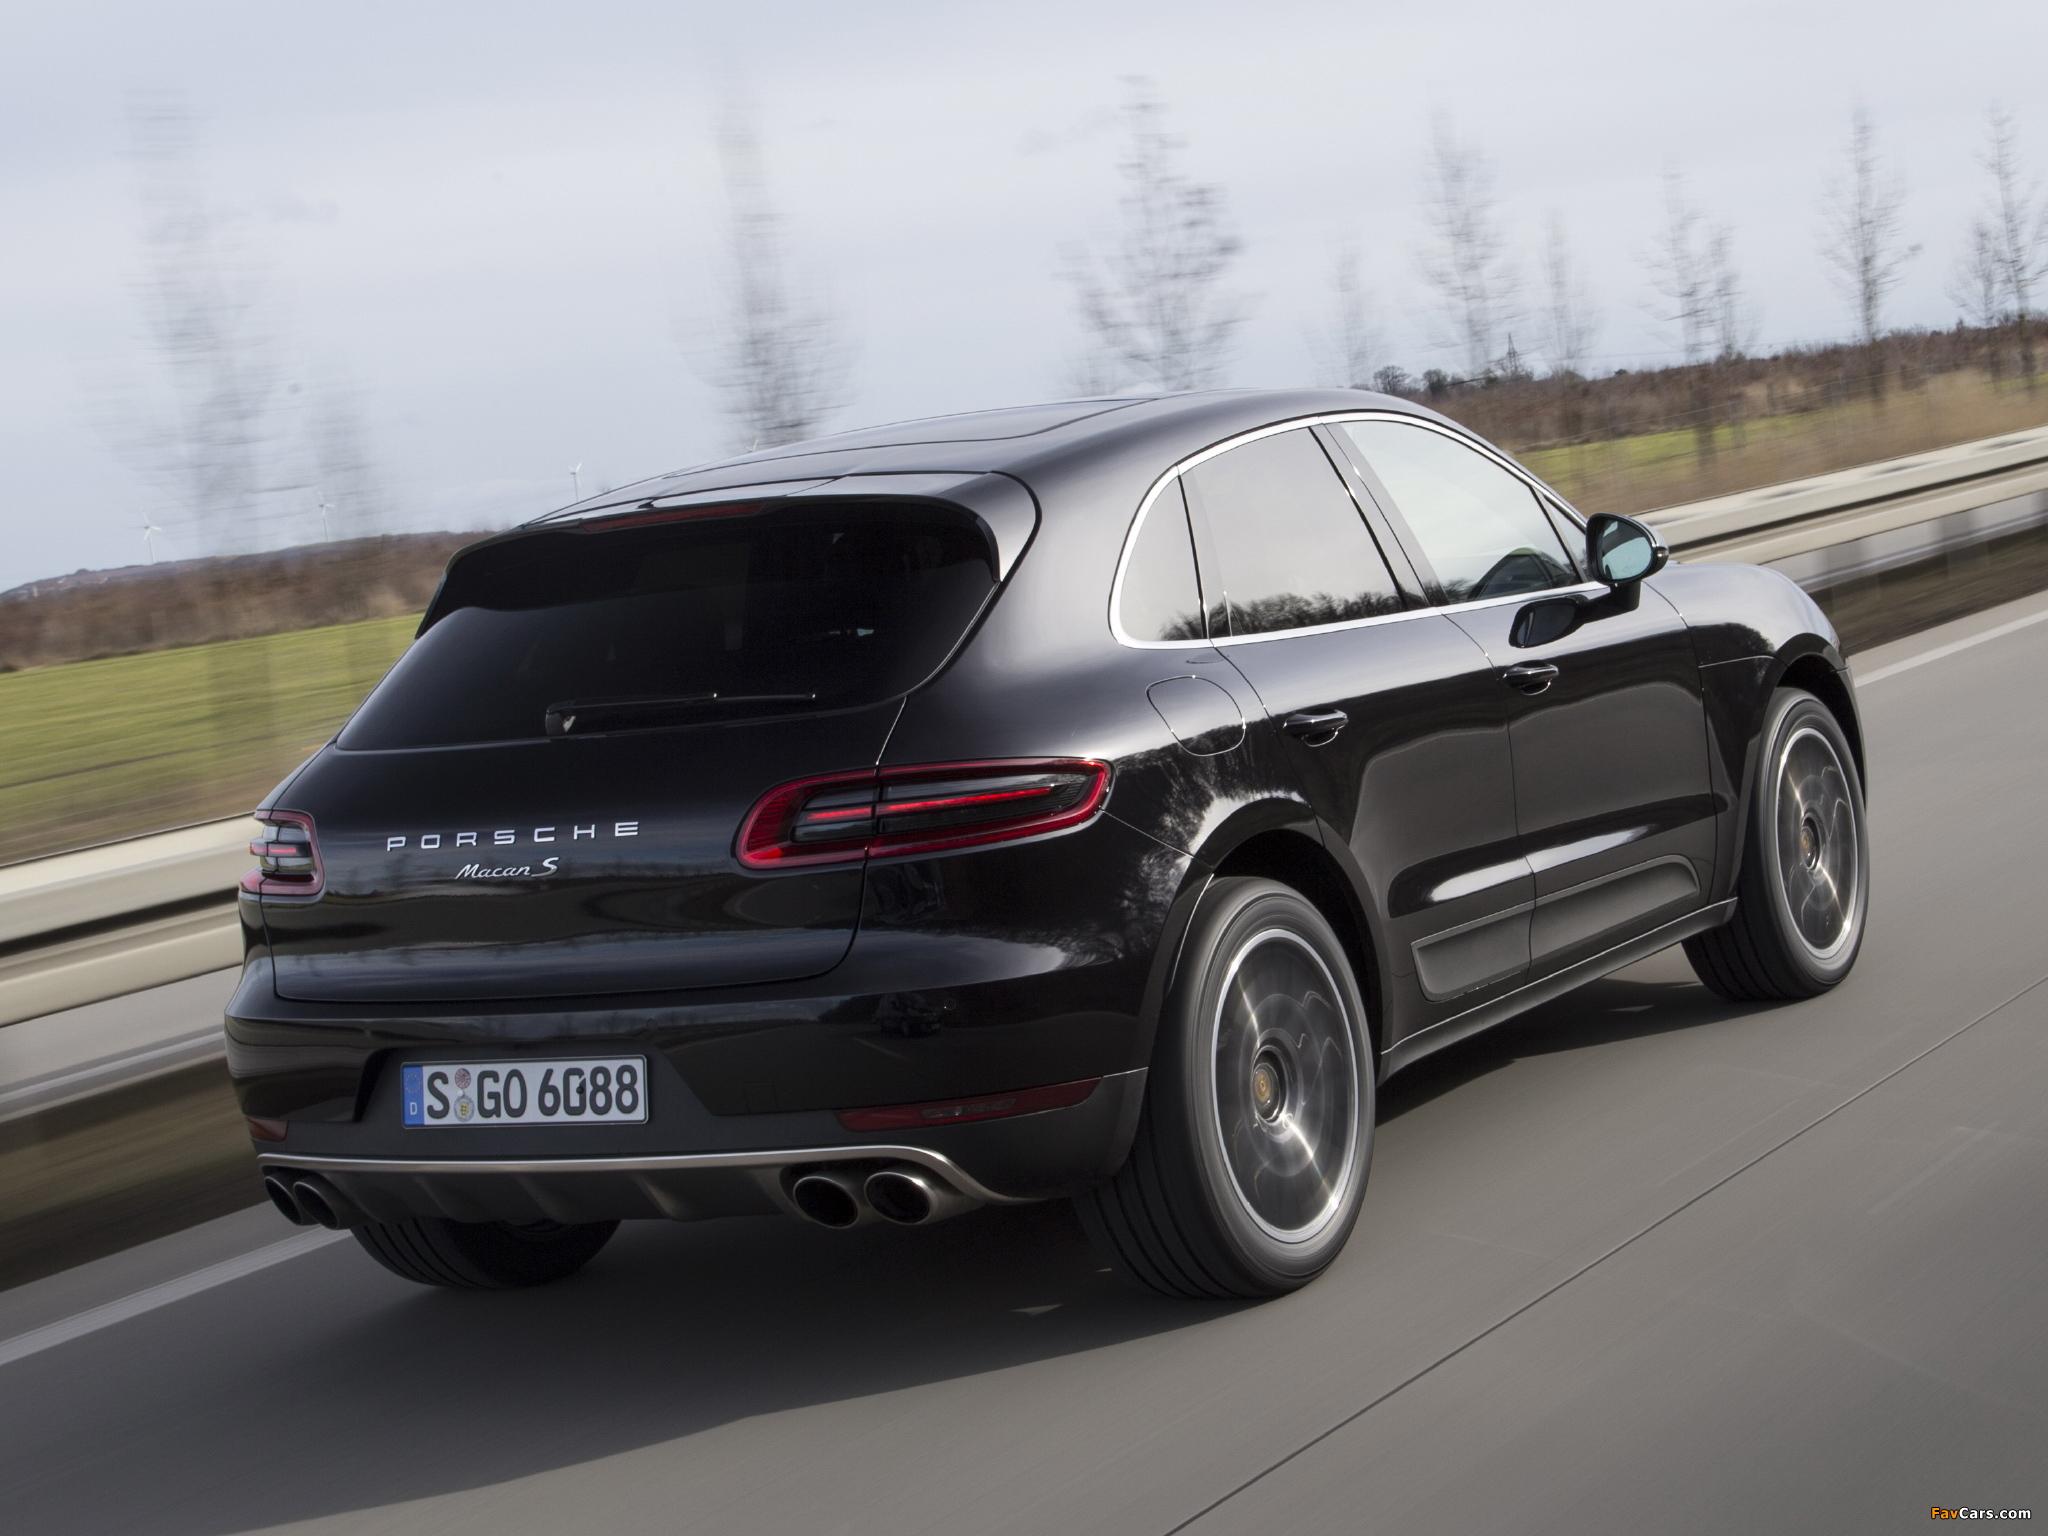 Porsche Macan S (95B) 2014 pictures (2048 x 1536)